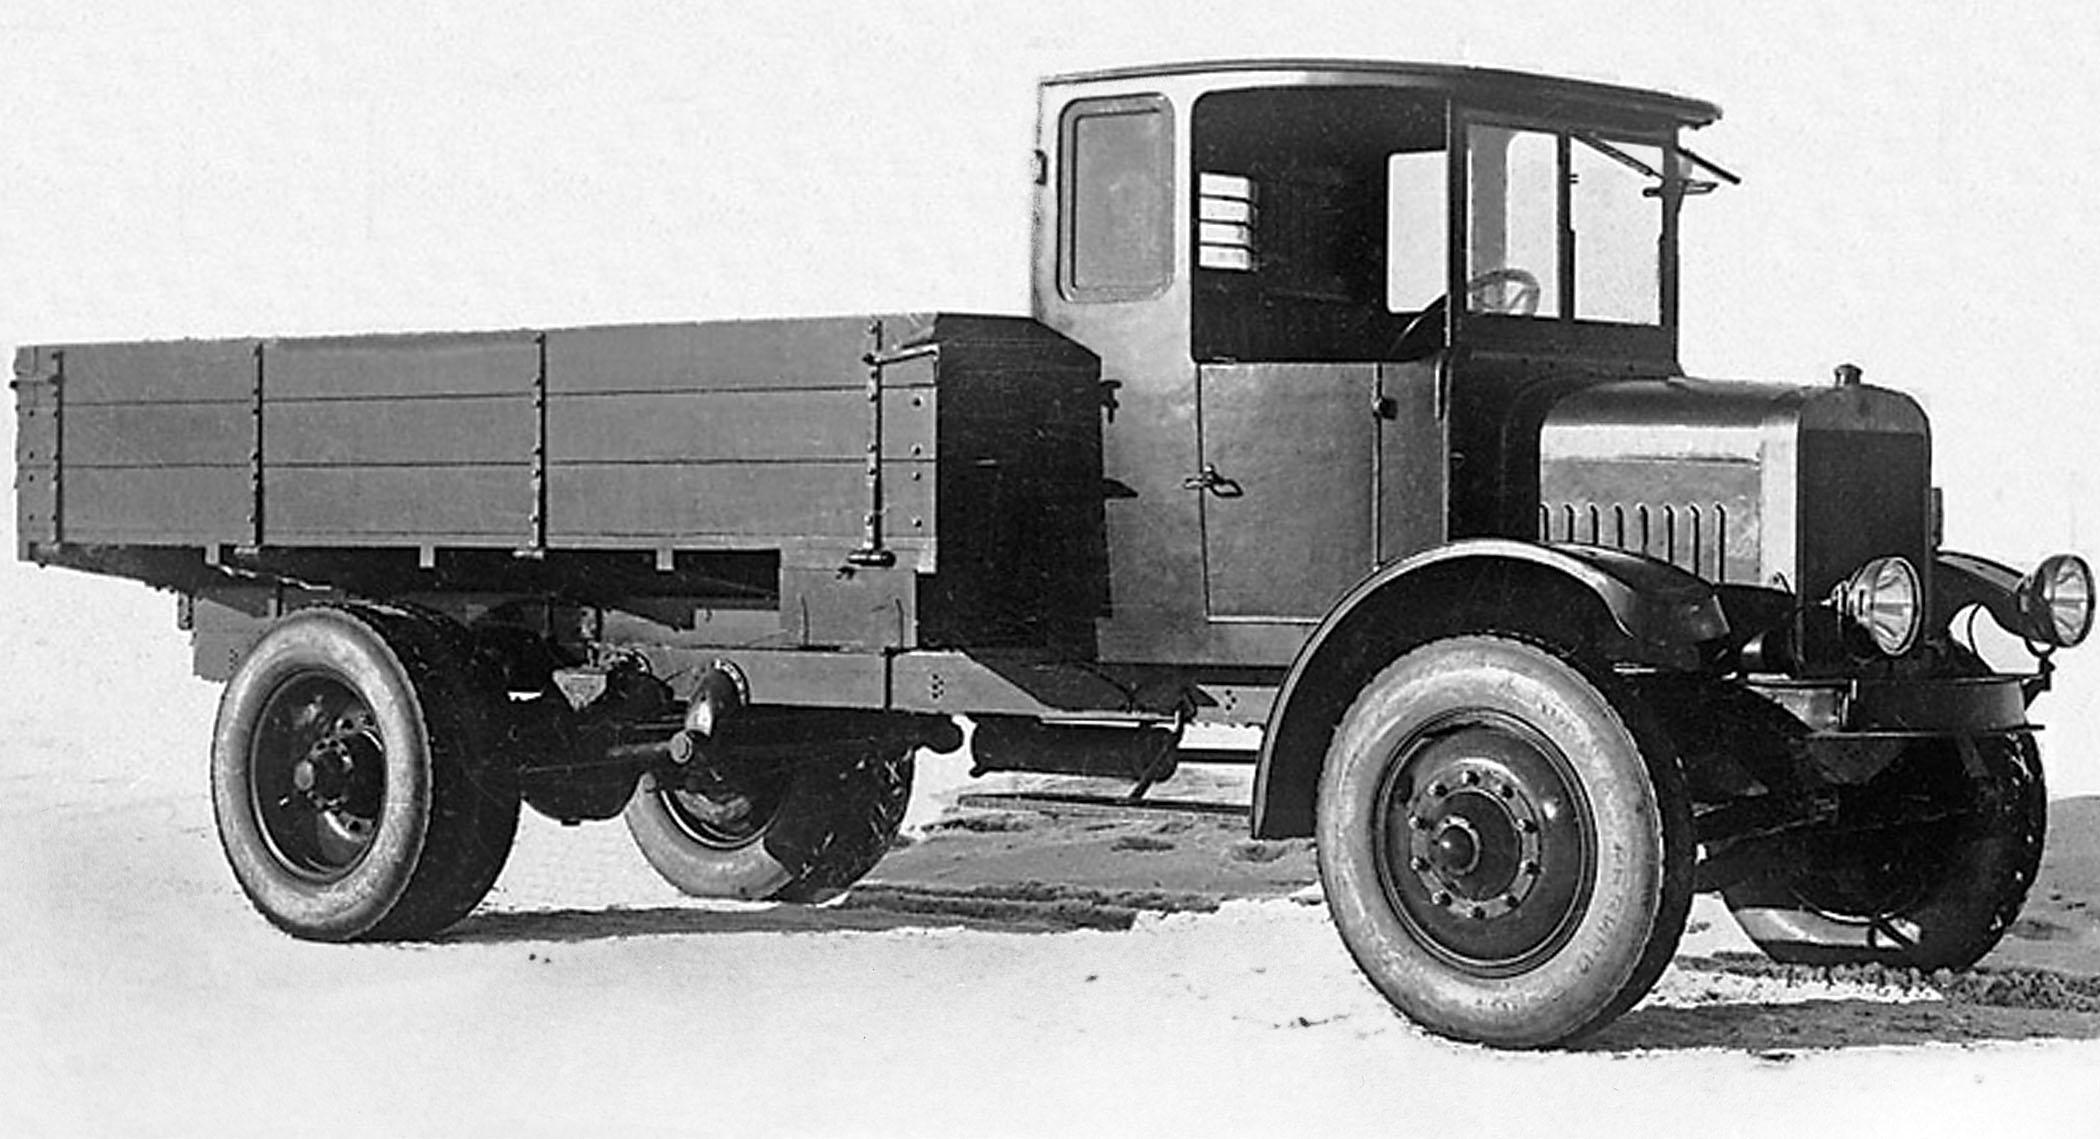 Ya-3_-_Soviet_heavy_truck,_1925-1928.jpg